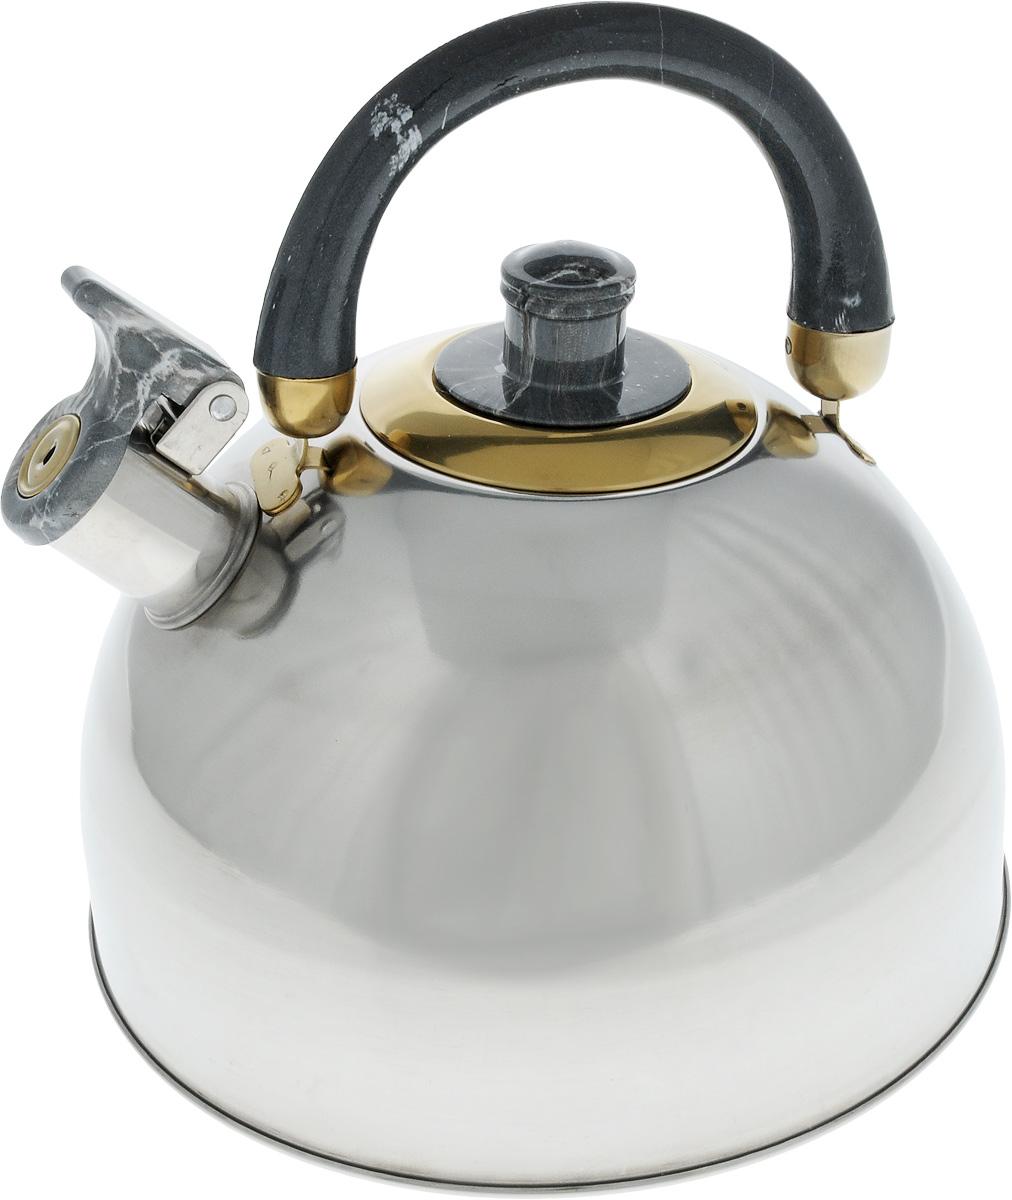 Чайник Bohmann Lite, со свистком, цвет: темно-серый, 4,5 л643BHLЧайник Bohmann Lite изготовлен из коррозионностойкой стали с зеркальной полировкой. Это материал, зарекомендовавший себя как идеально подходящий для изготовления кухонной посуды, столовых приборов и аксессуаров. Прочность, надежность, стойкость к кислотам и привлекательный внешний вид - основные свойства этого материала. Подвижная ручка, выполненная из термостойкого пластика под мрамор, обеспечивает комфортную эксплуатацию. Носик чайника оборудован свистком, который громким сигналом оповестит о закипании воды. Серия Lite - это посуда из стали, легкая и экономичная. Доступна для широкого круга потребителей, оптимальна по цене и качеству. Подходит для любой кухни, привлекательна по своим характеристикам, цене и практичности. Чайник подходит для электрических, газовых, галогеновых и стеклокерамических плит. Изделие можно мыть в посудомоечной машине. Диаметр (по верхнему краю): 8,5 см. Диаметр основания: 22...